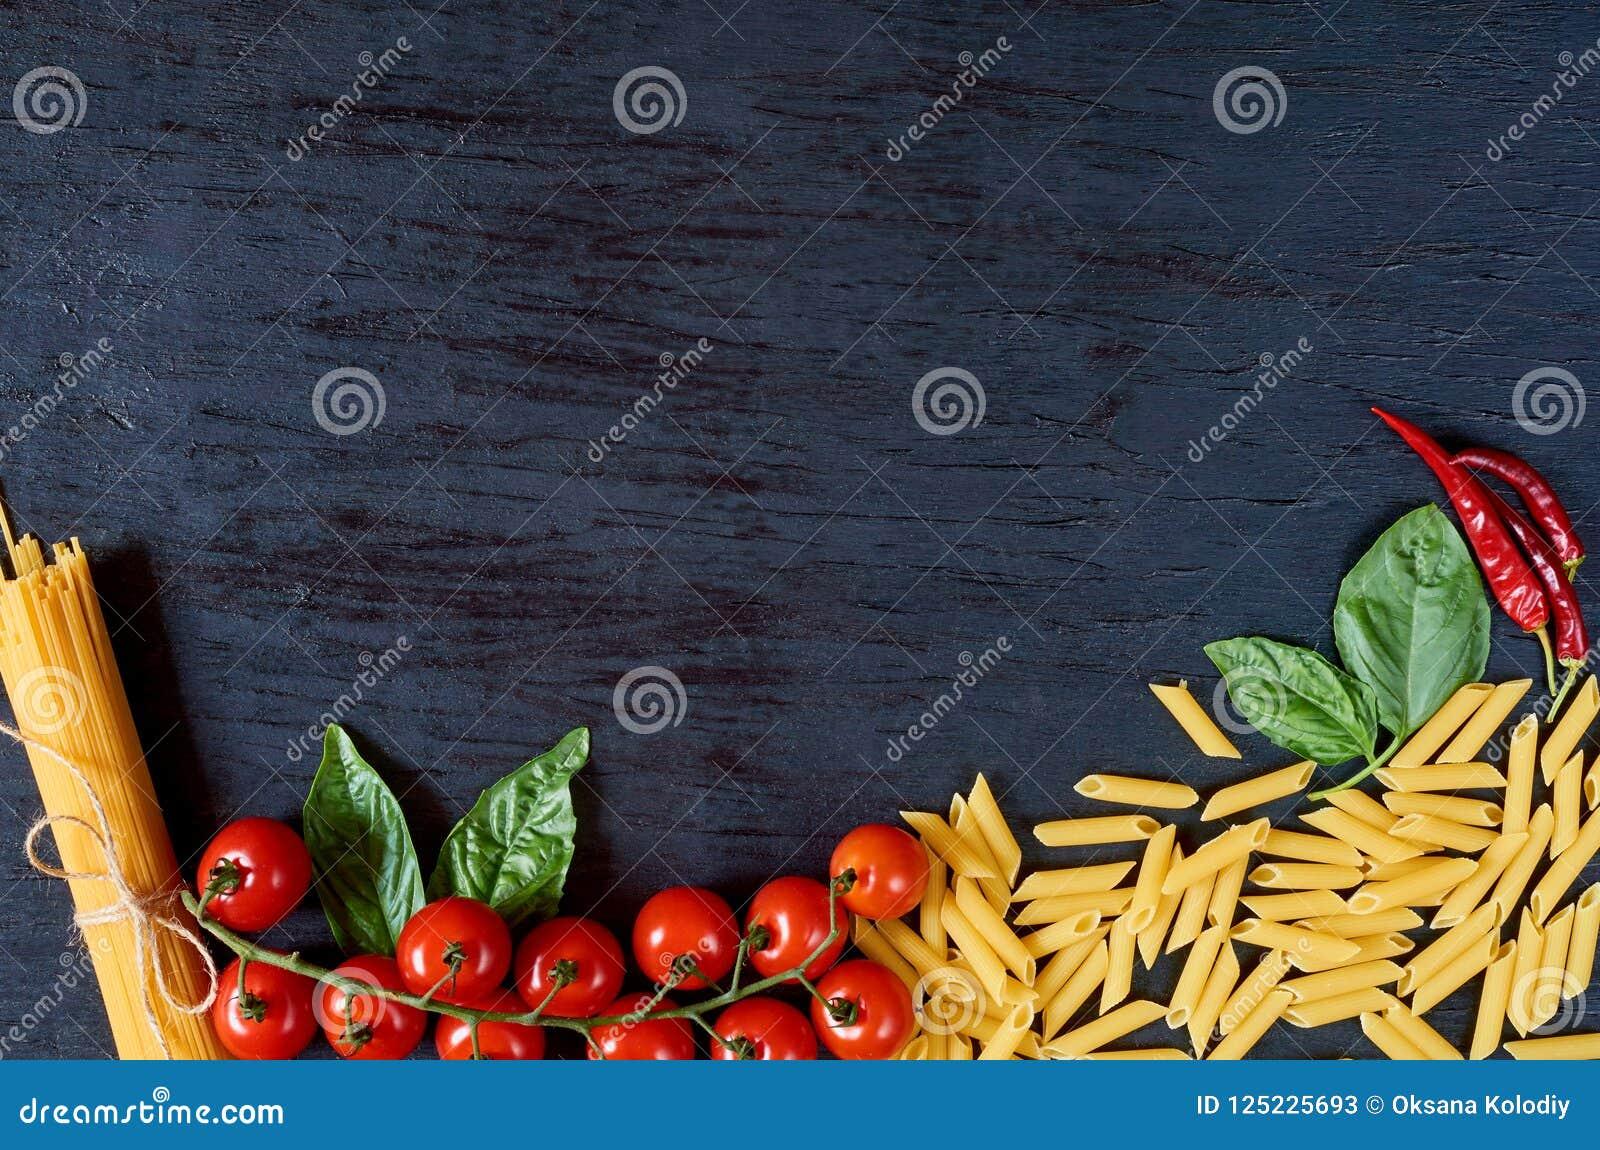 Italienisches traditionelles Lebensmittel, Gewürze und Bestandteile für das Kochen: Basilikumblätter, Kirschtomaten, Paprikapfeff